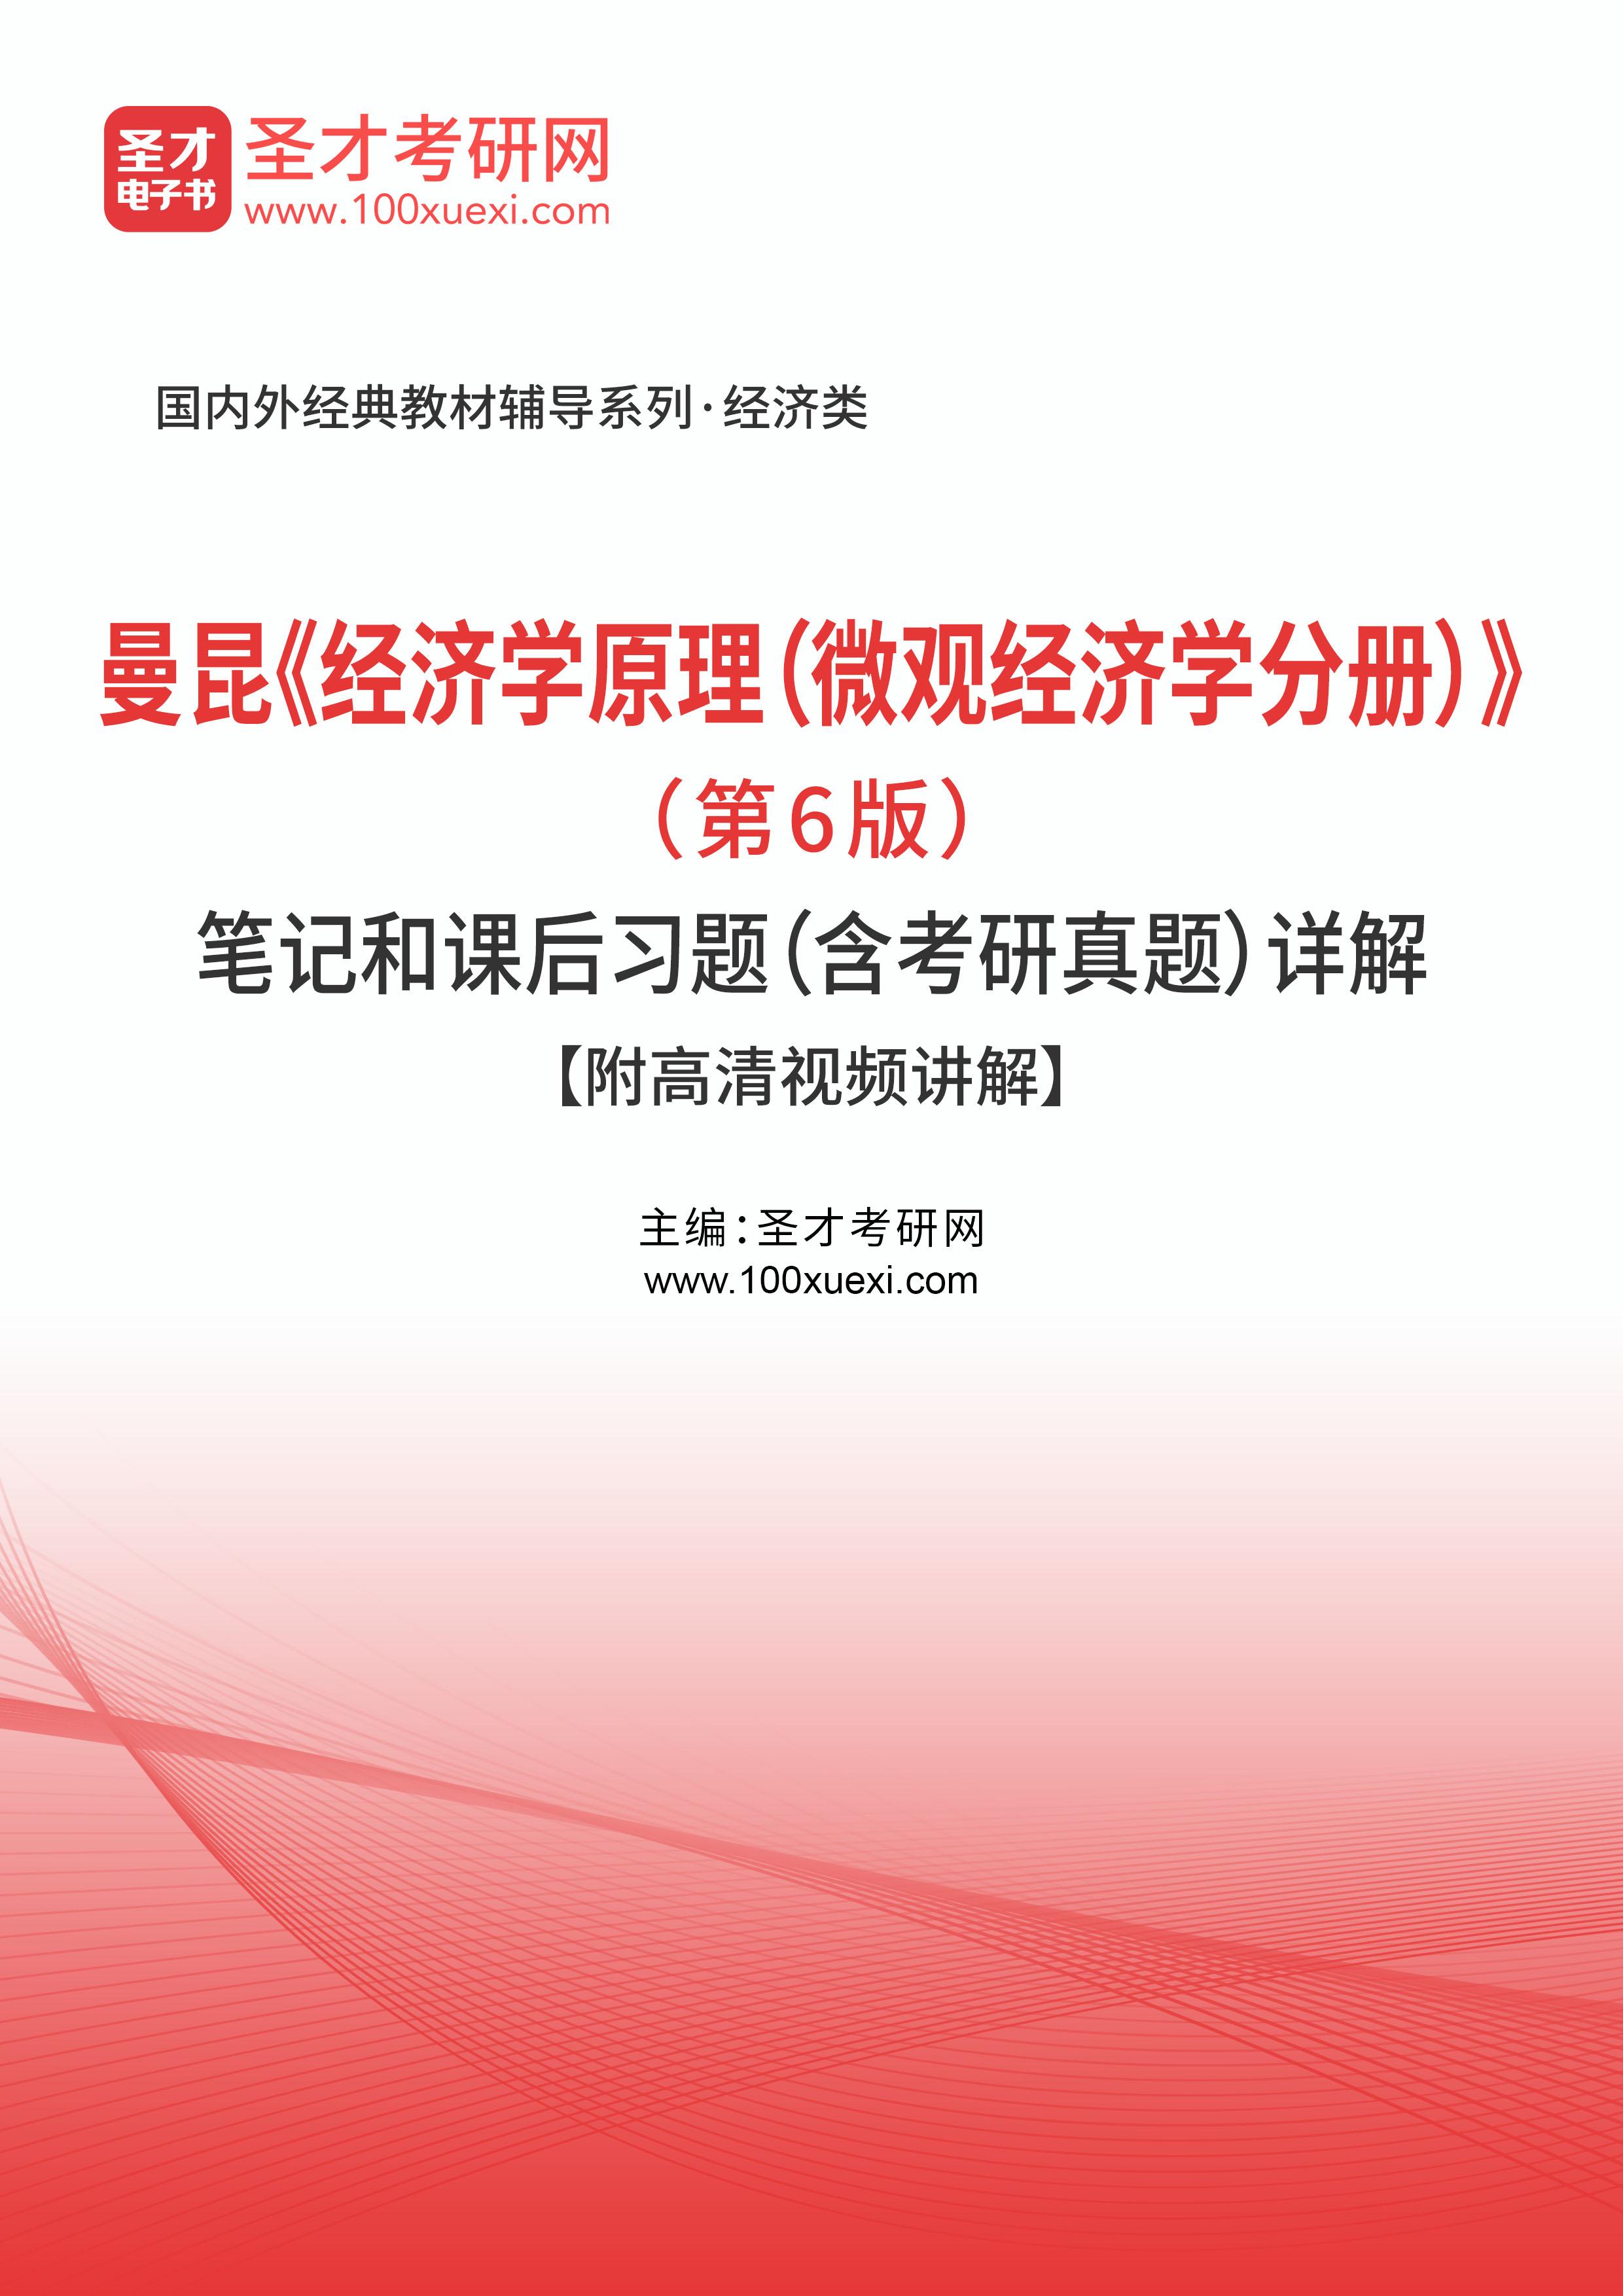 曼昆《经济学原理(微观经济学分册)》(第6版)笔记和课后习题(含考研真题)详解【附高清视频讲解】